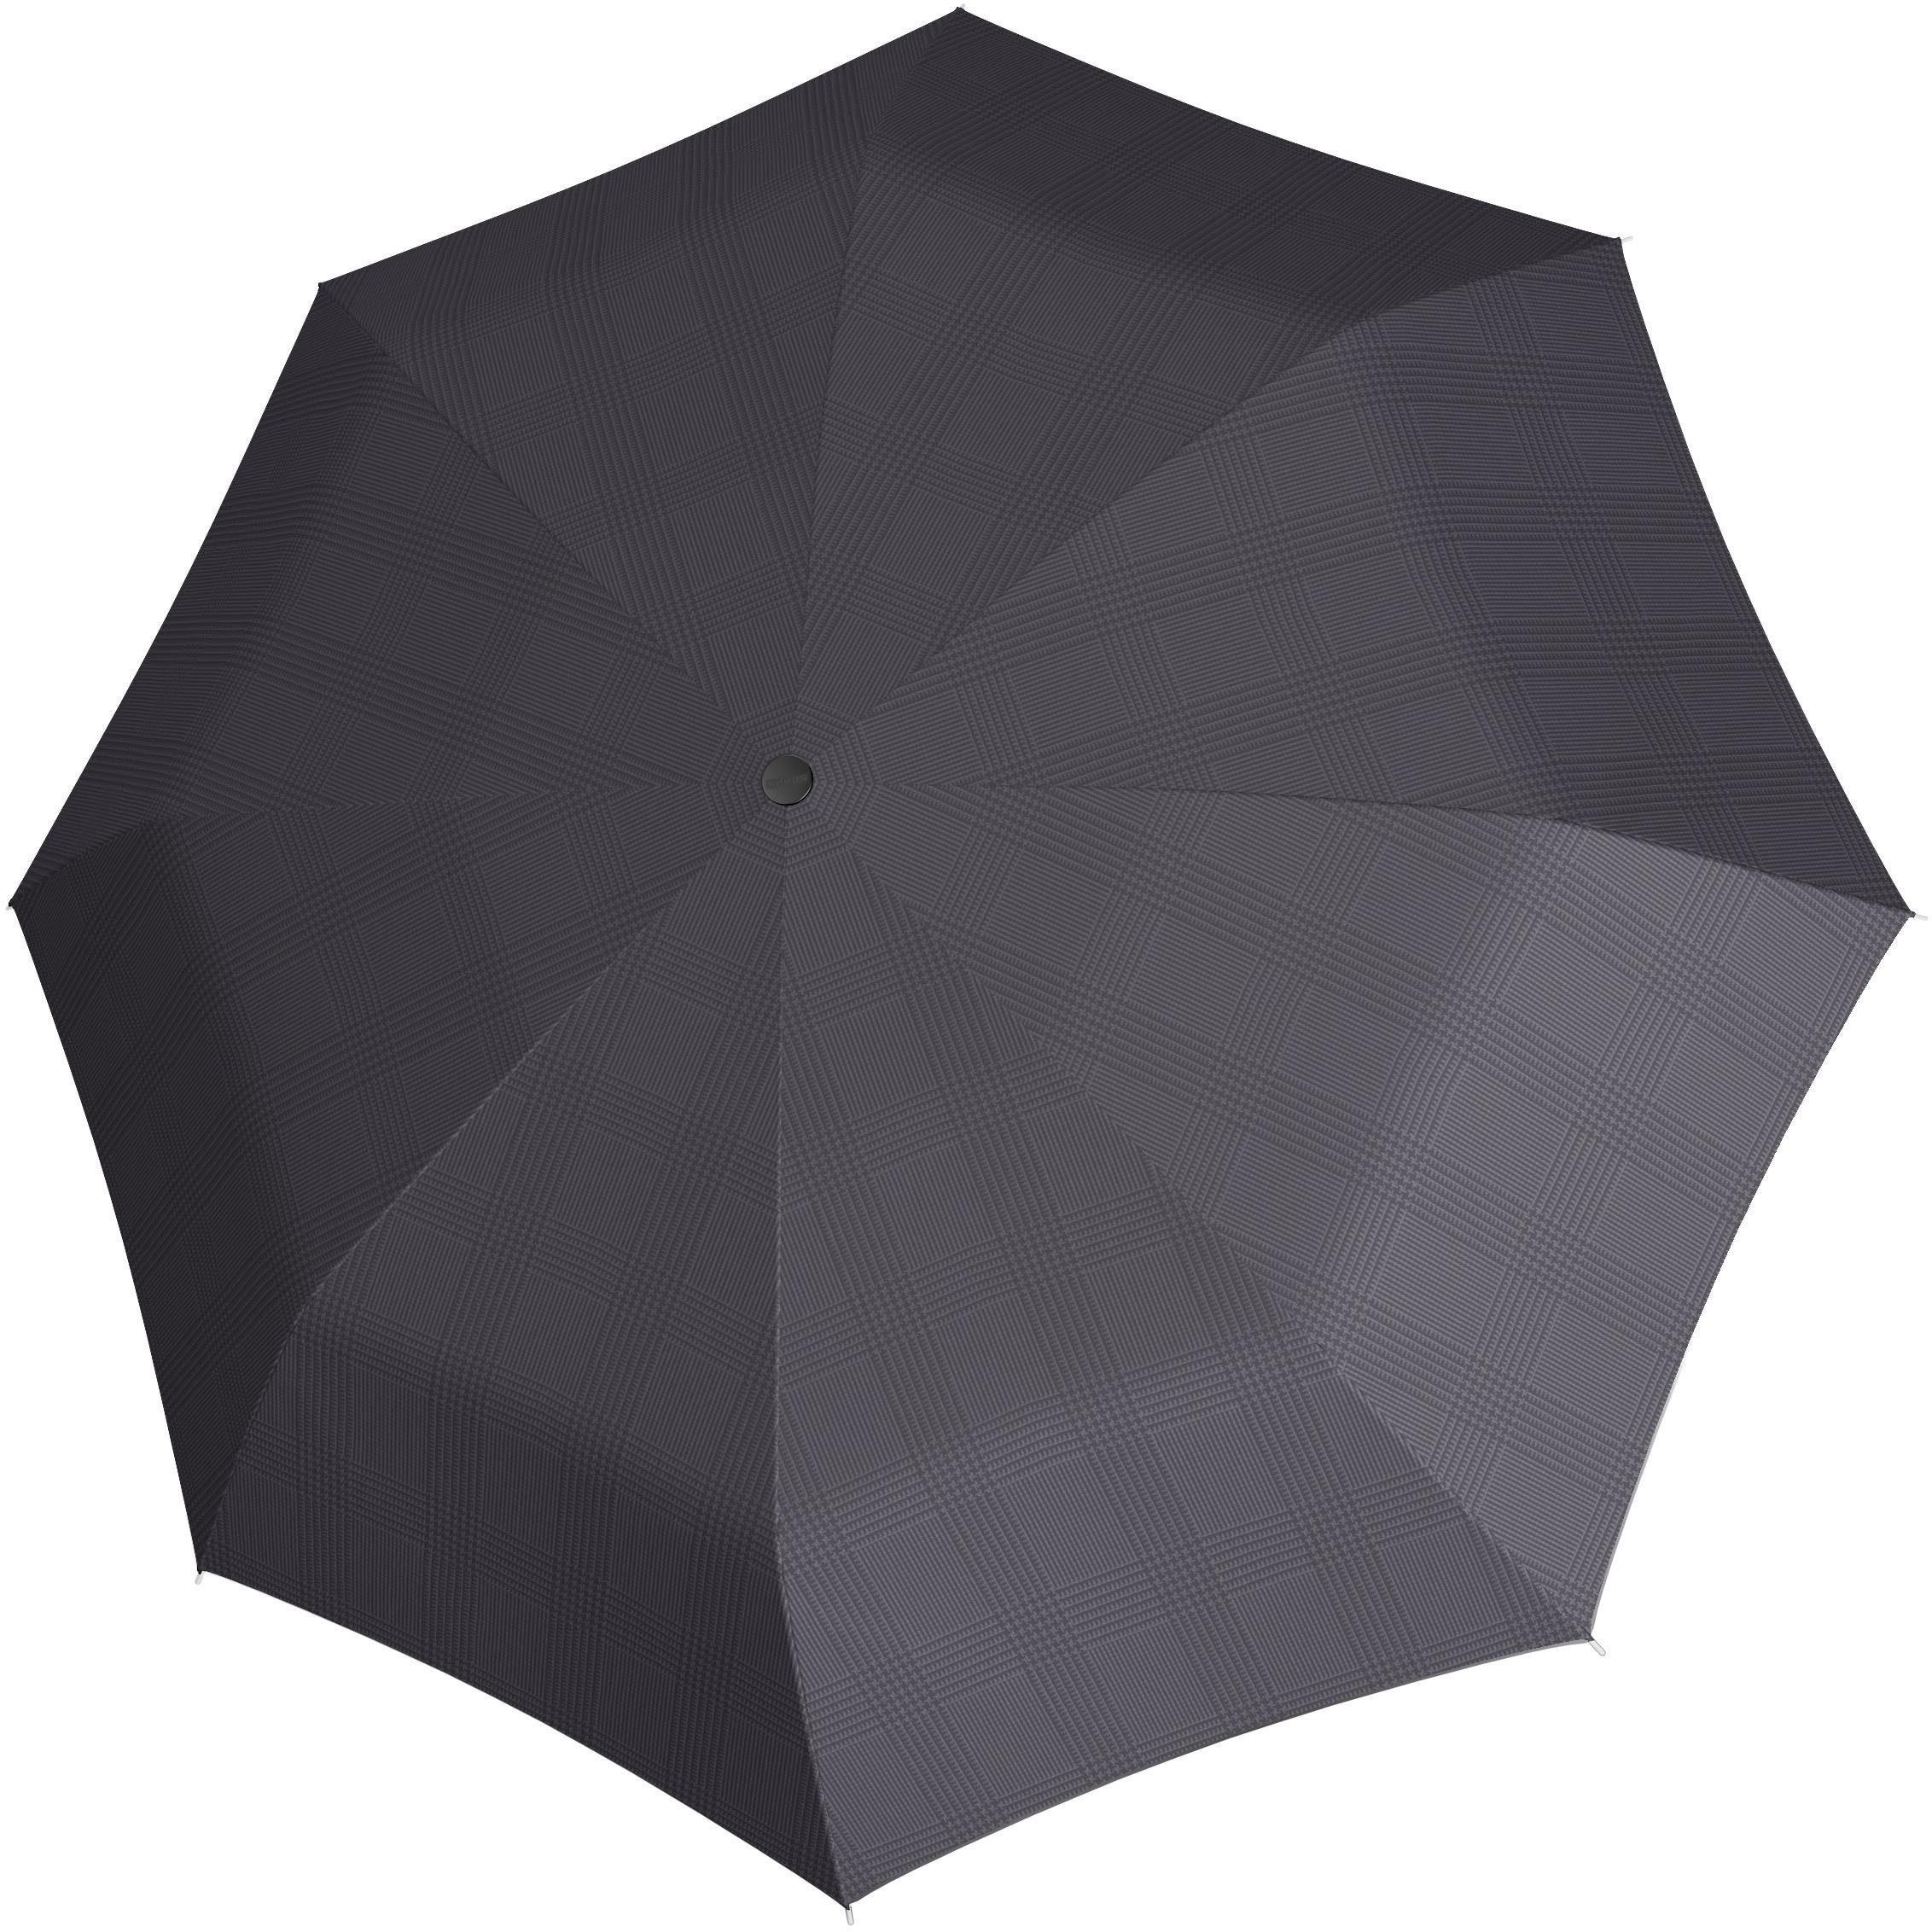 sOliver Taschenregenschirm X-Press Taschenschirm Glencheck | Accessoires > Regenschirme > Taschenschirme | S.Oliver